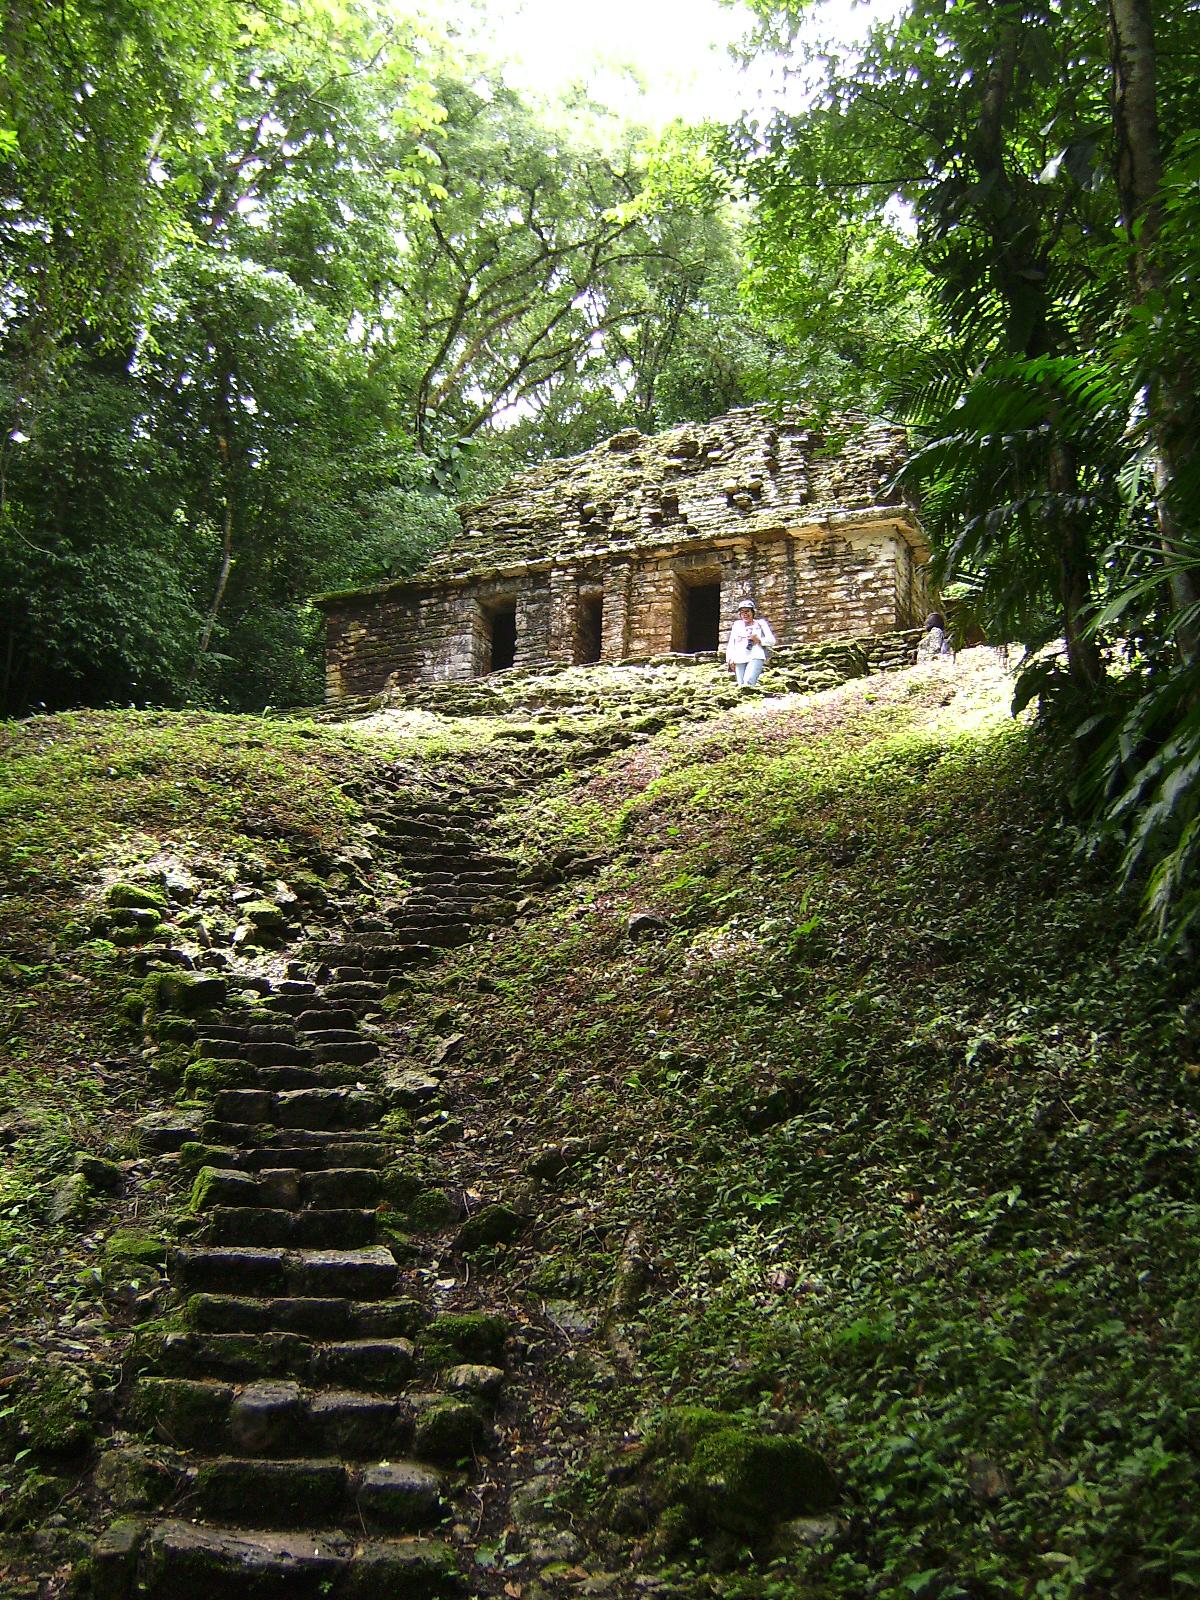 Palacio de las ruinas de Yaxchilán